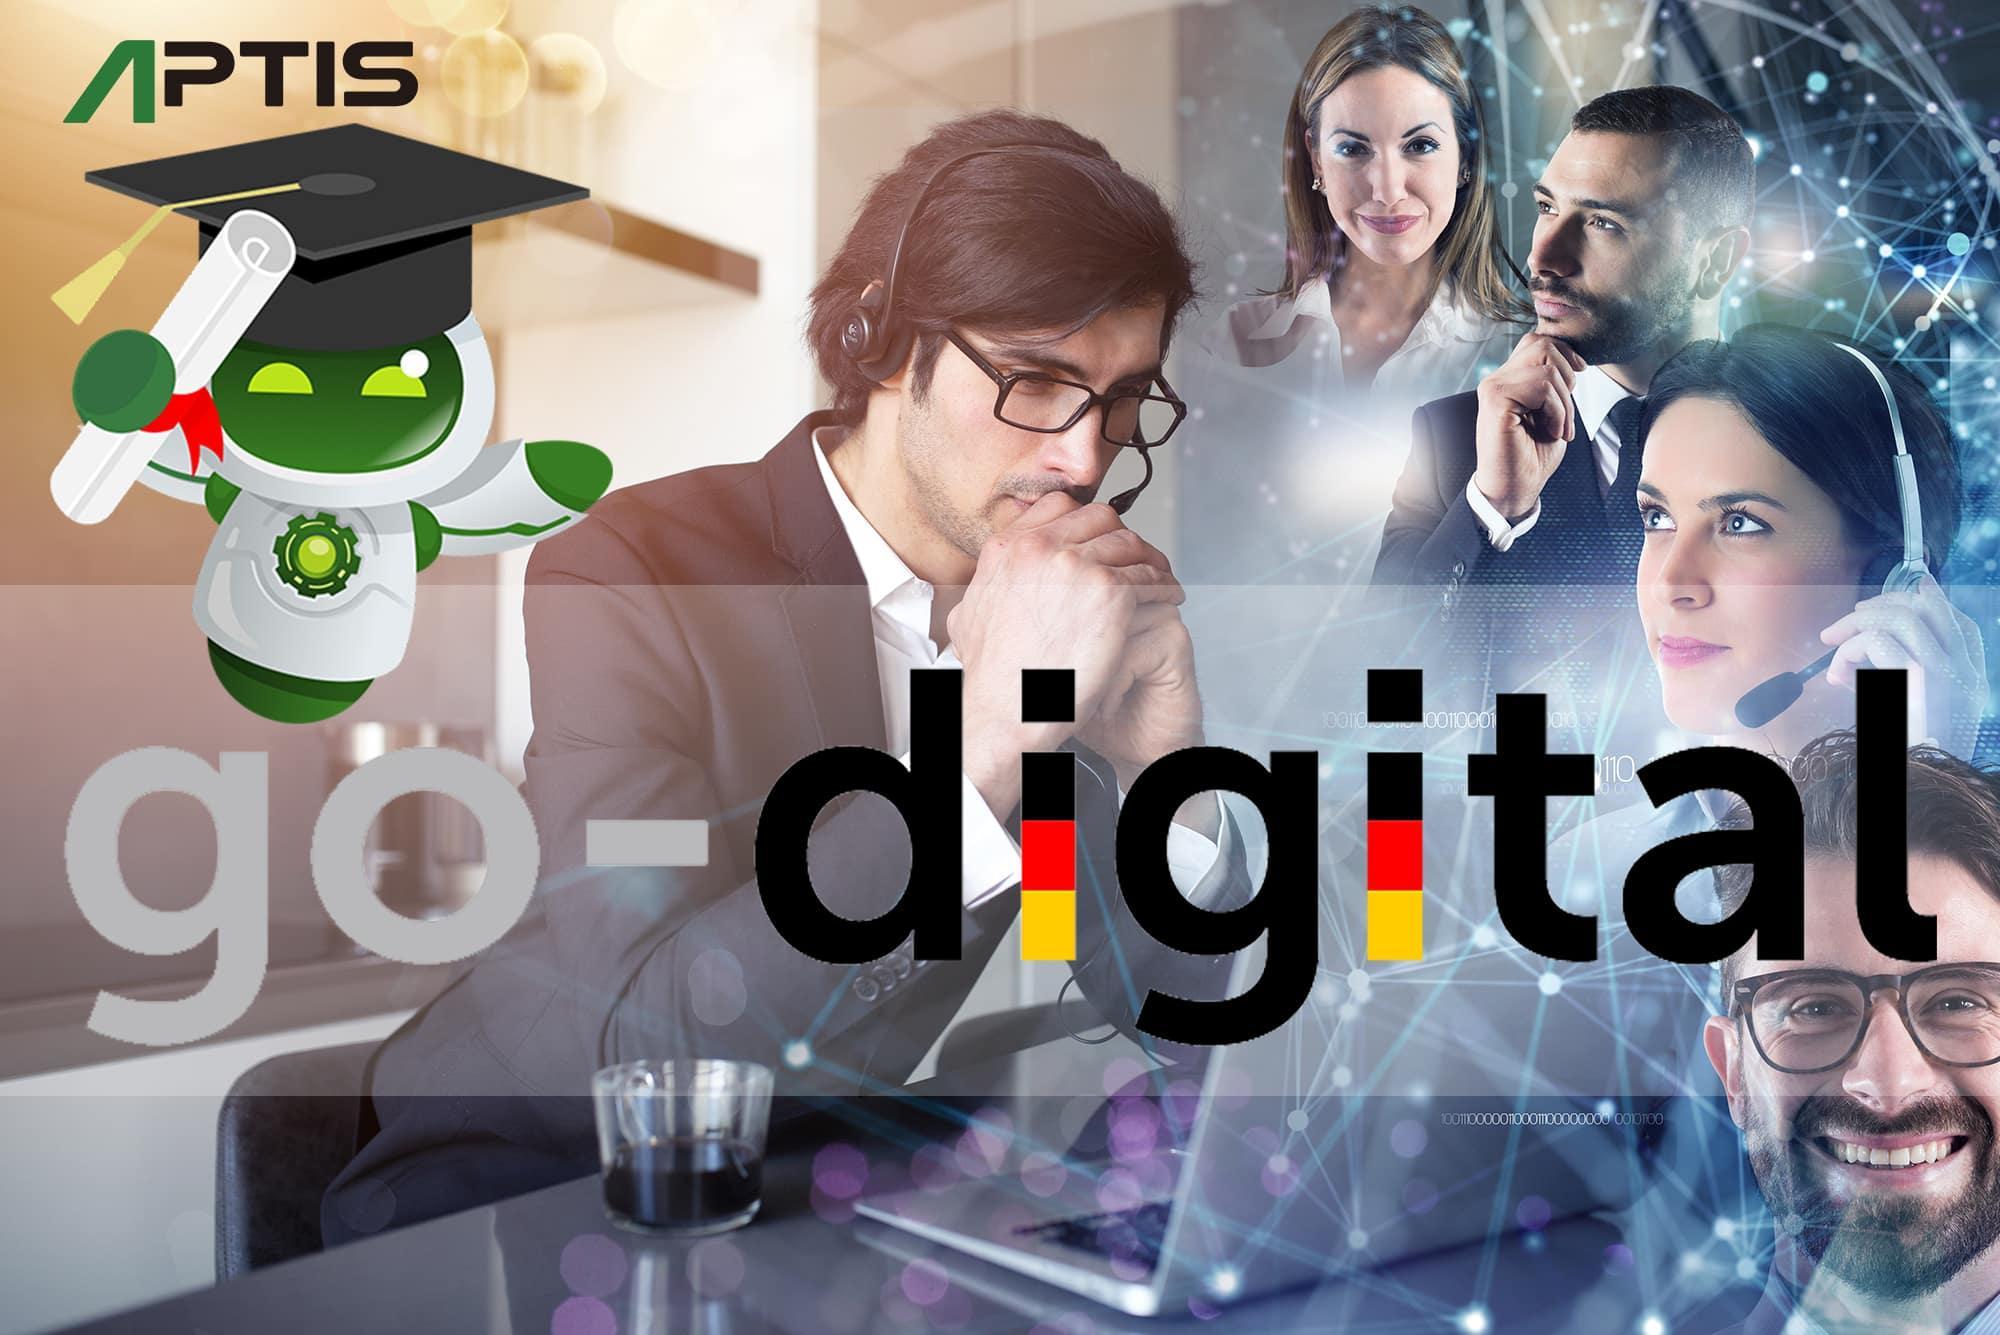 Go-Digital-Förderung jetzt auch für die Umrüstung auf Remote-Arbeitsplätzen